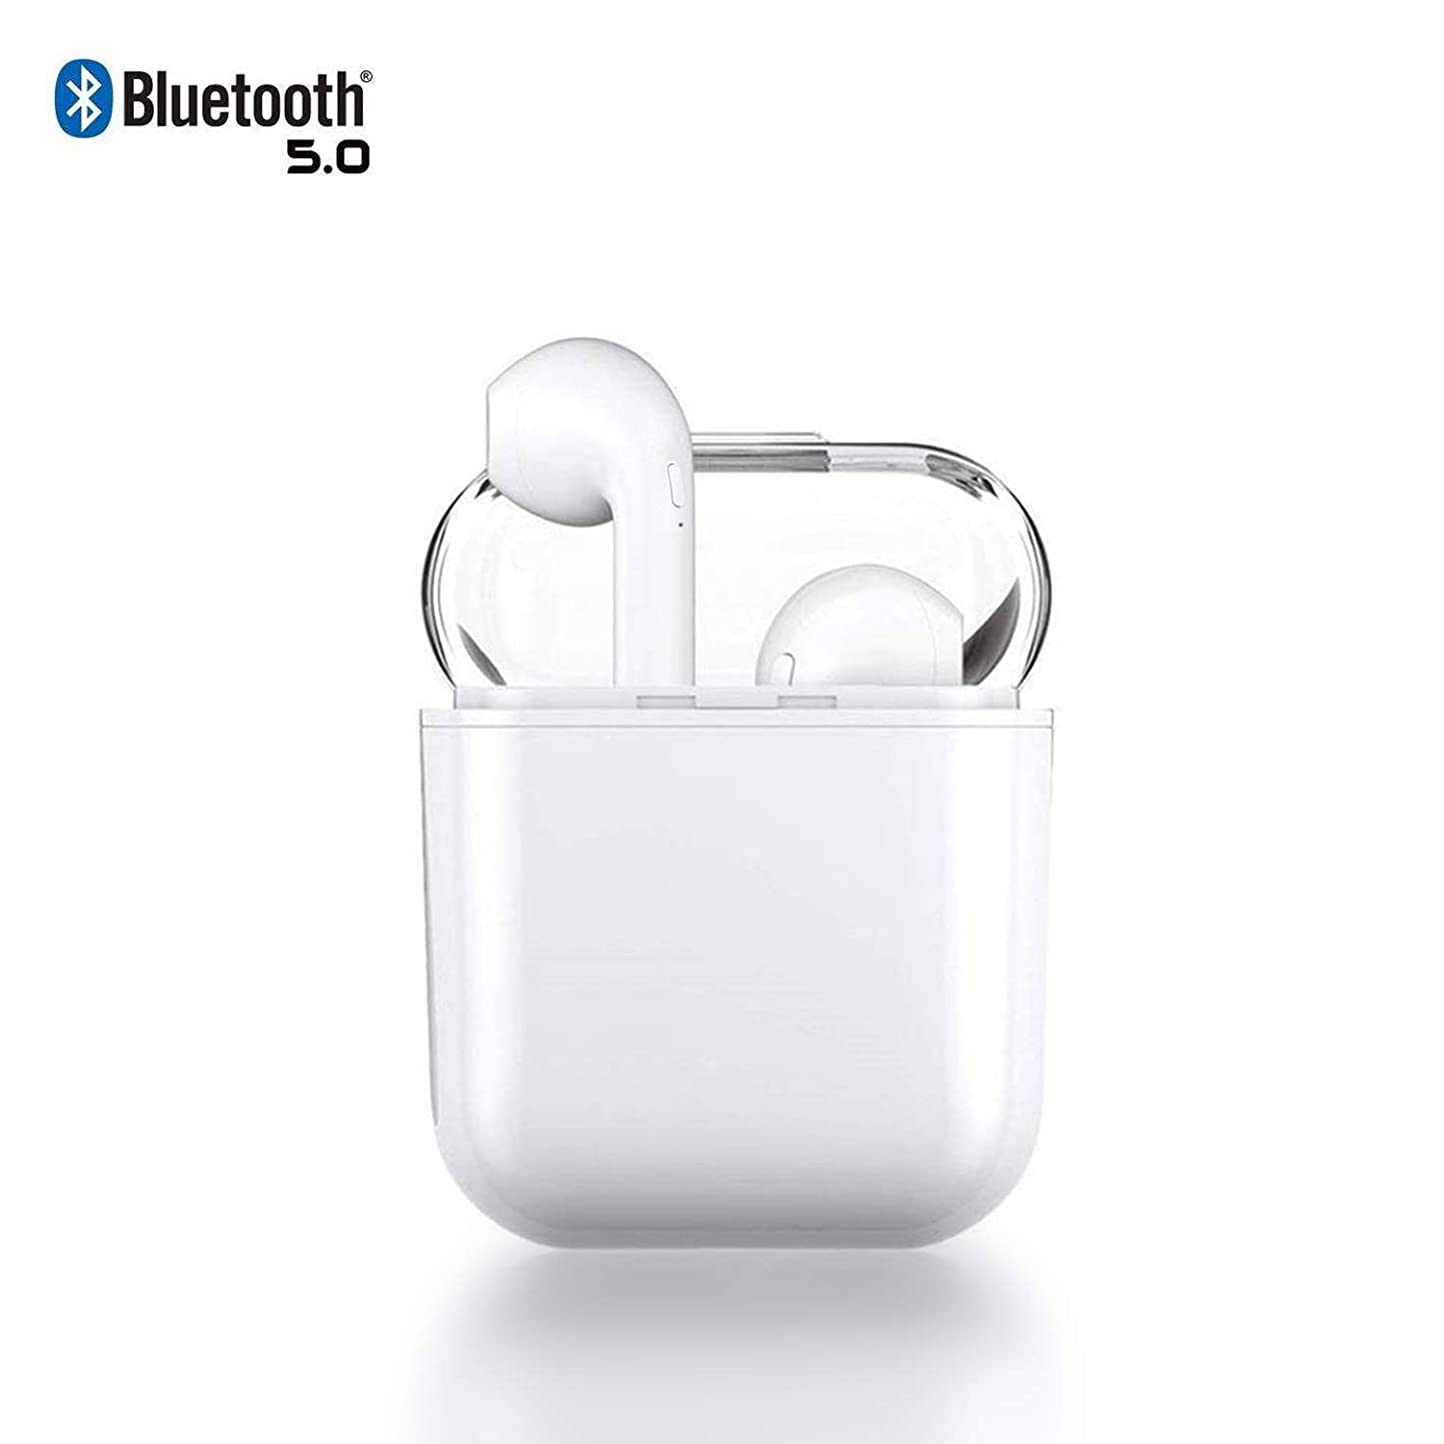 チャーミング計画面i9/Bluetoothイヤホン、運動時に使用でき各種Bluetoothデバイスに接続可能、通信安定、音質増強、Bluetooth技術5.0、airpod/iosとAndroidに対応